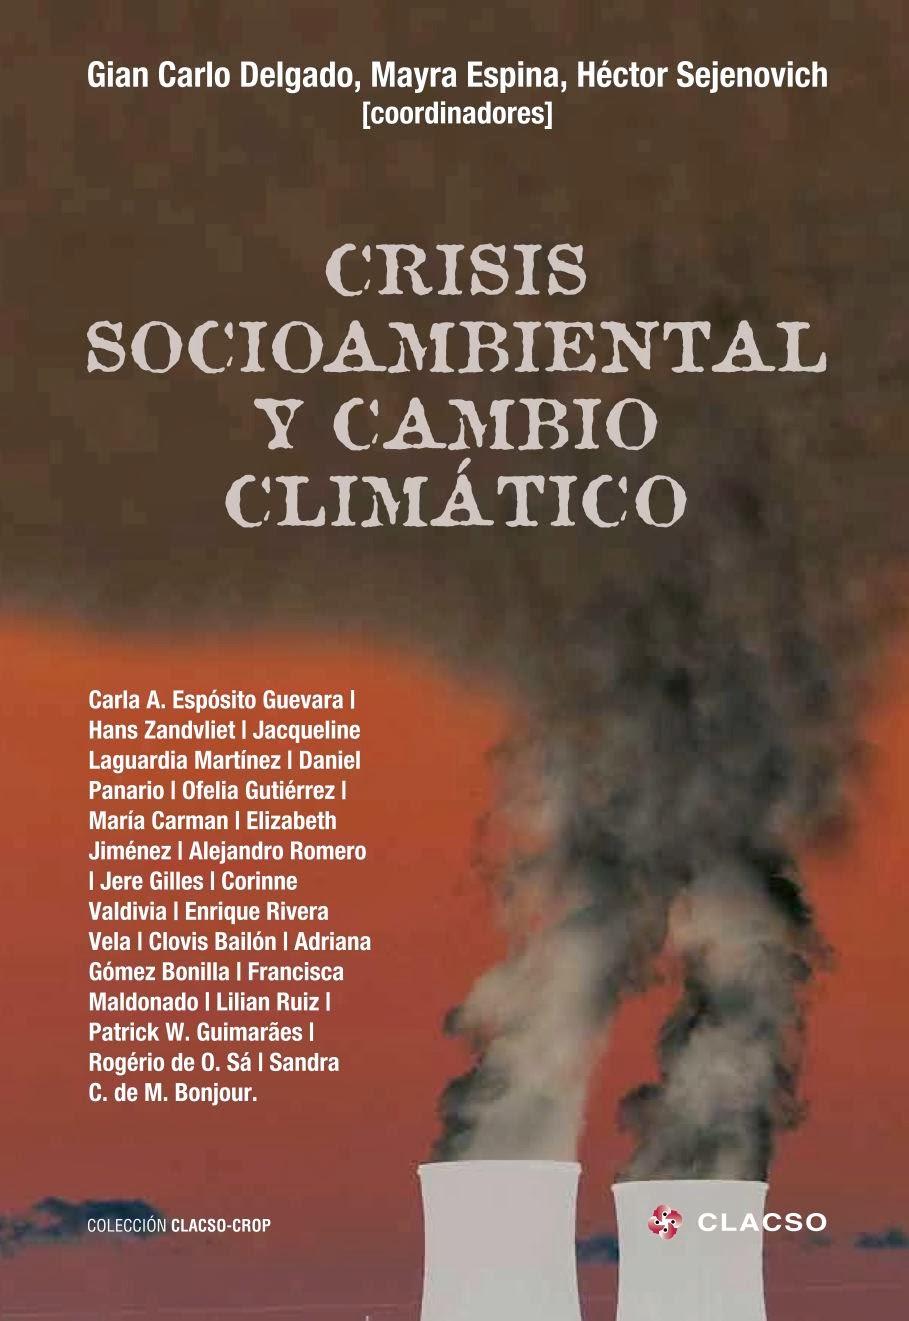 Crisis socioambiental y cambio climático